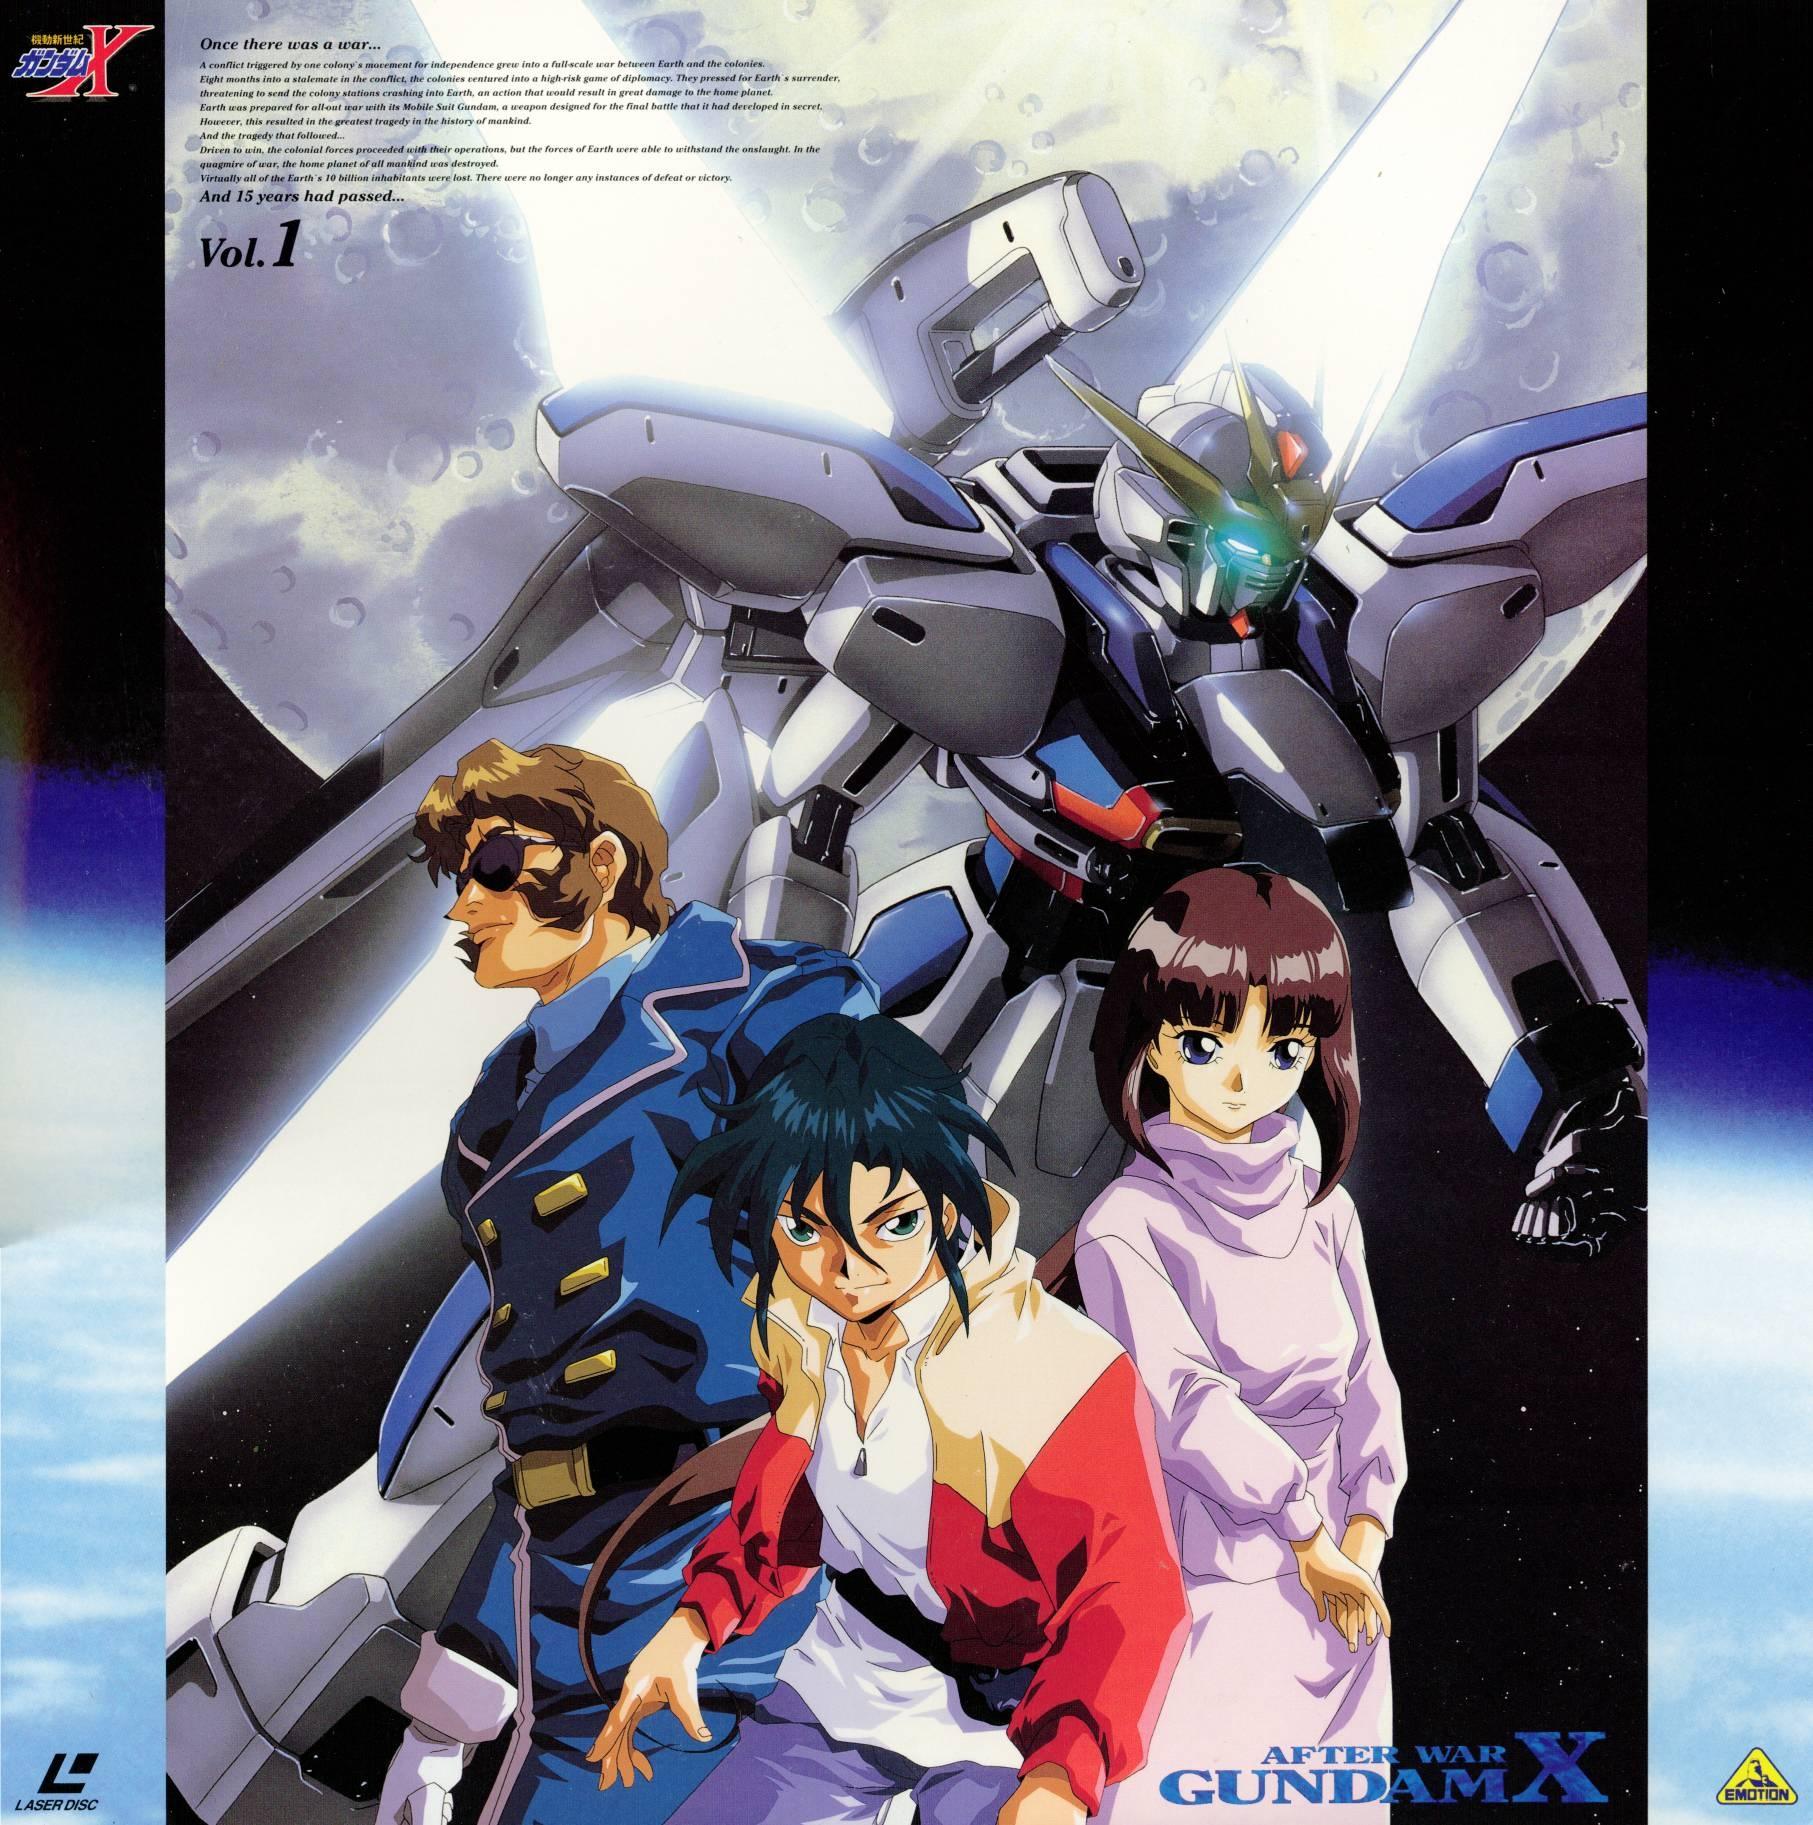 Gundam Girl Wallpaper After War Gundam X My Anime Shelf